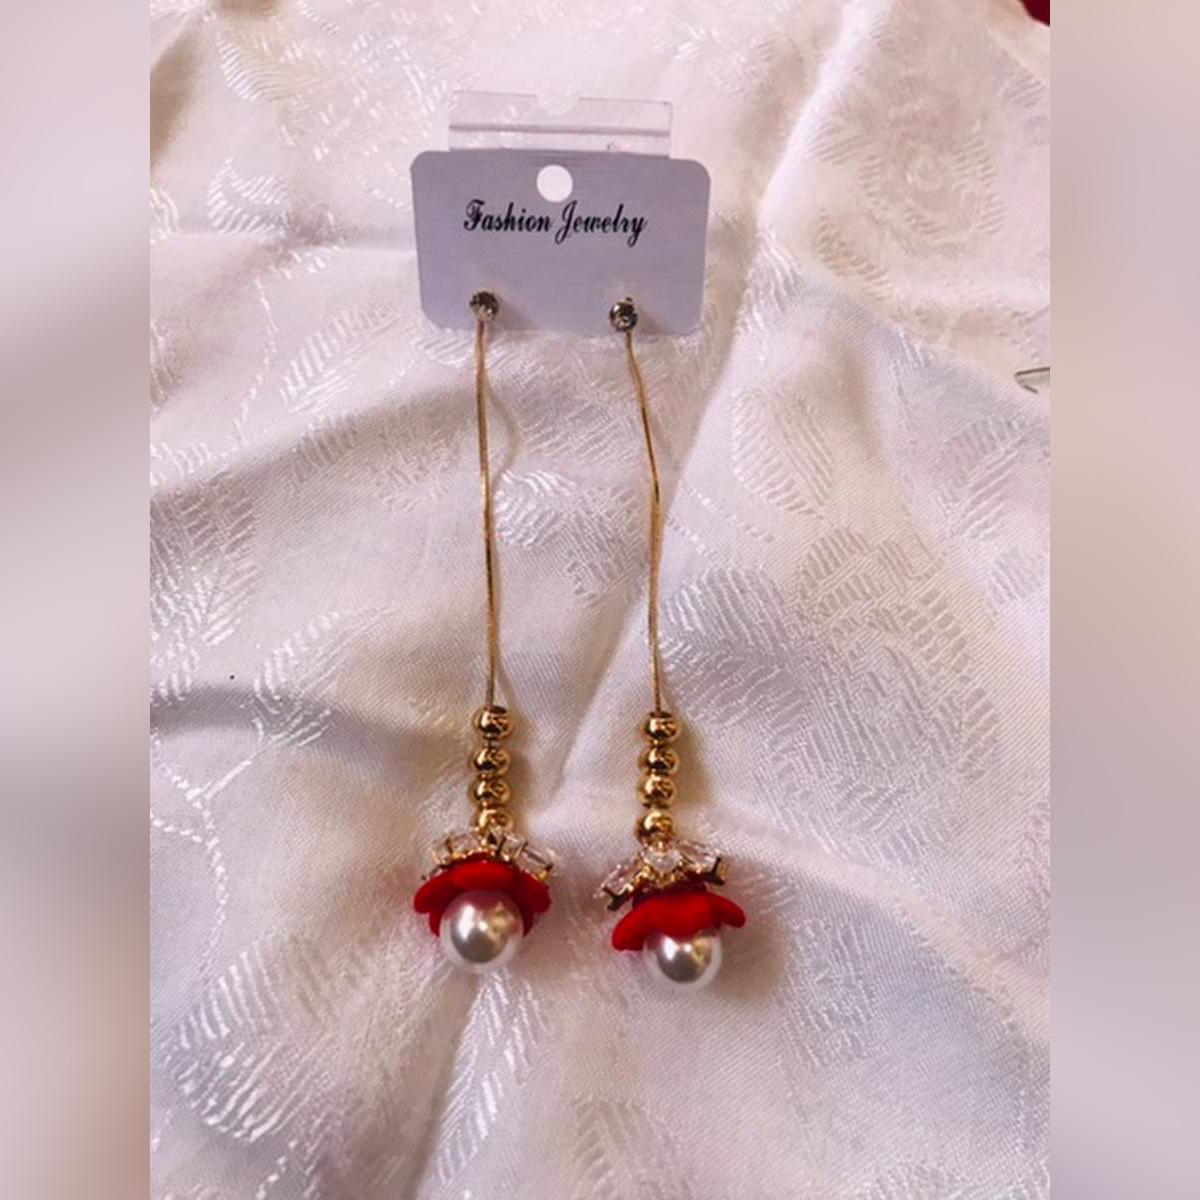 Fashion Jewelry long earring Pair Of Ear Cuff Long Chain Ear cuff Drop Earrings style Jewellery accessories for Women Trending Earrings for Girls High quality Long Drop earrings for Girls